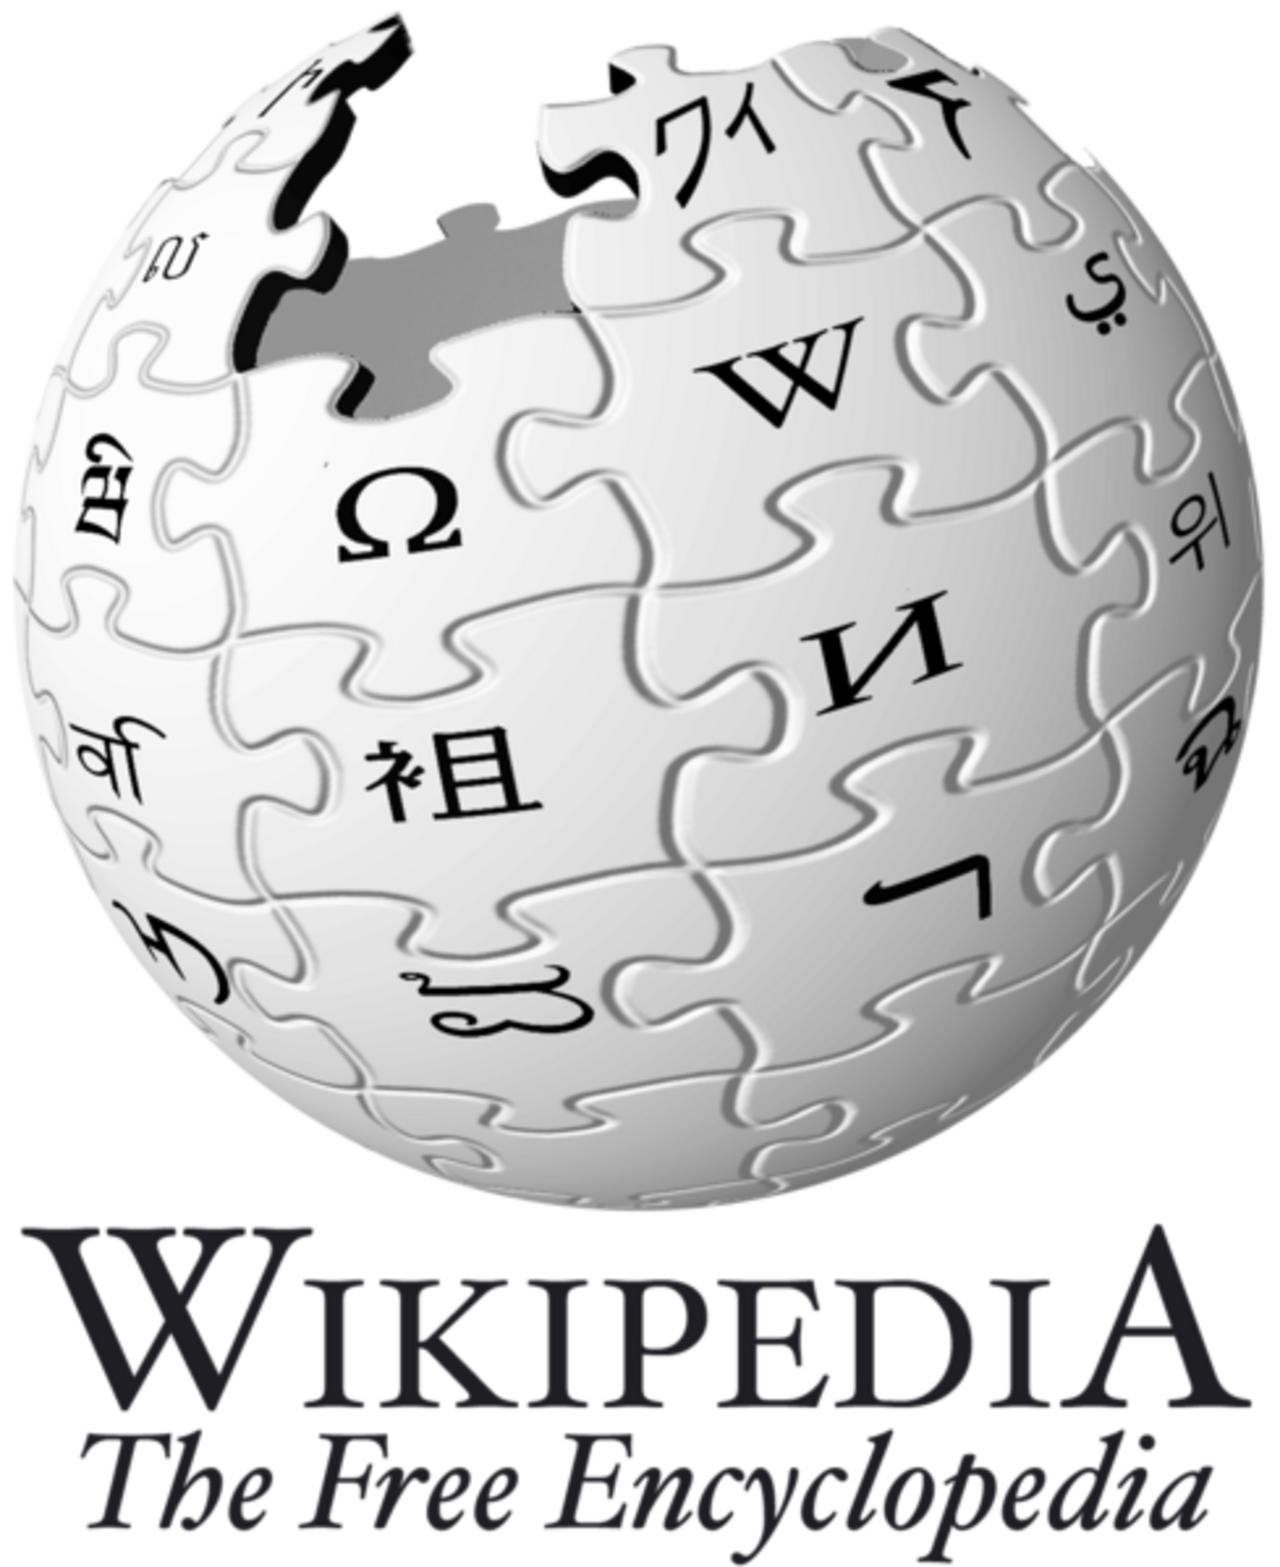 Саша грей фото википедия 18 фотография